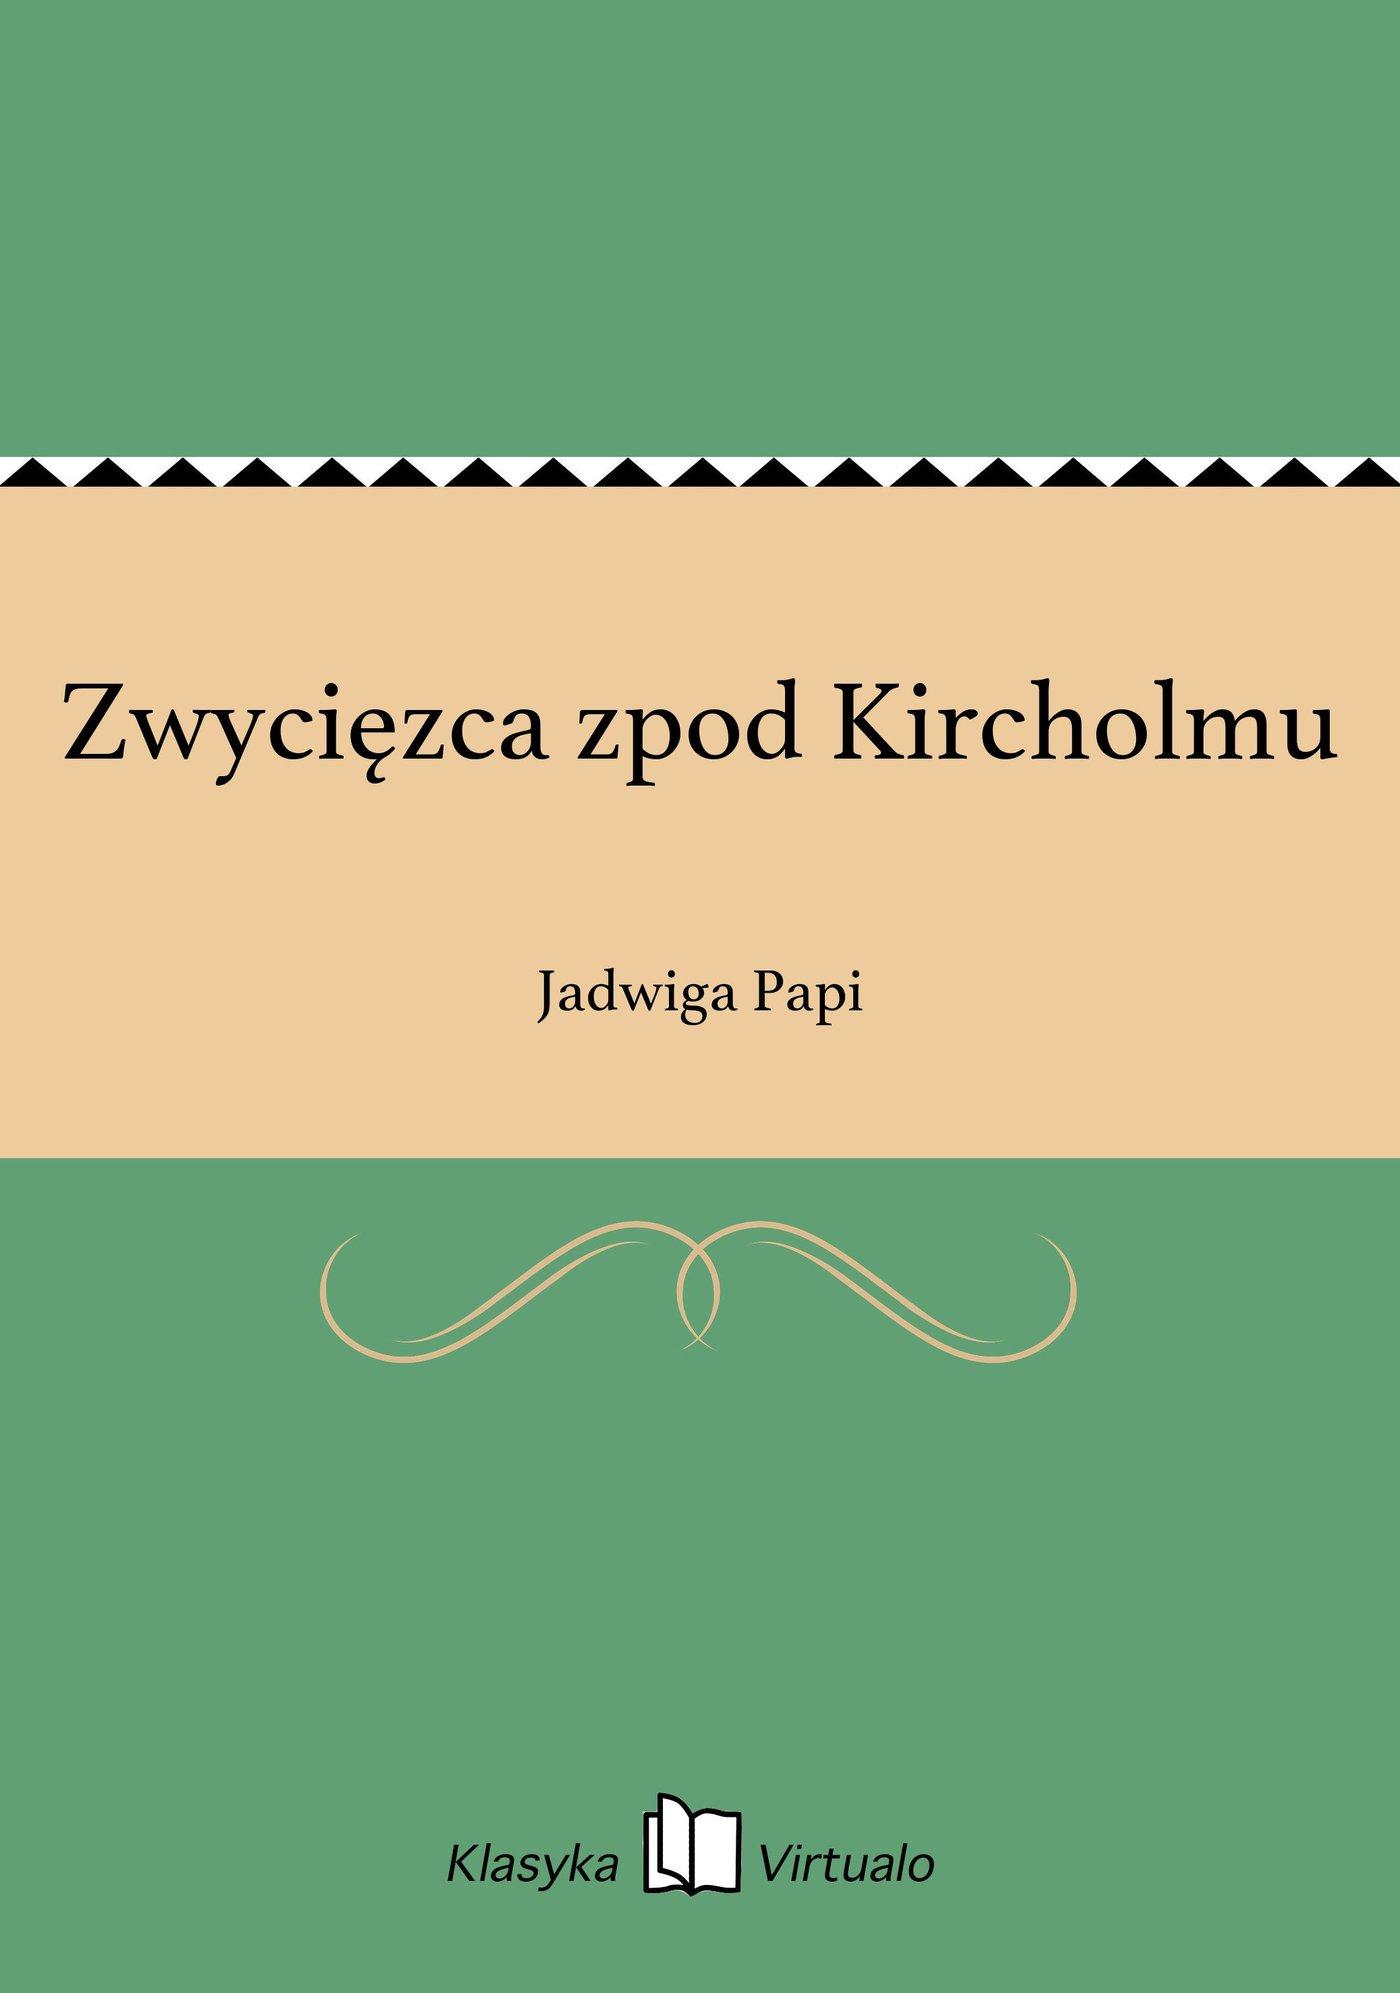 Zwycięzca zpod Kircholmu - Ebook (Książka EPUB) do pobrania w formacie EPUB